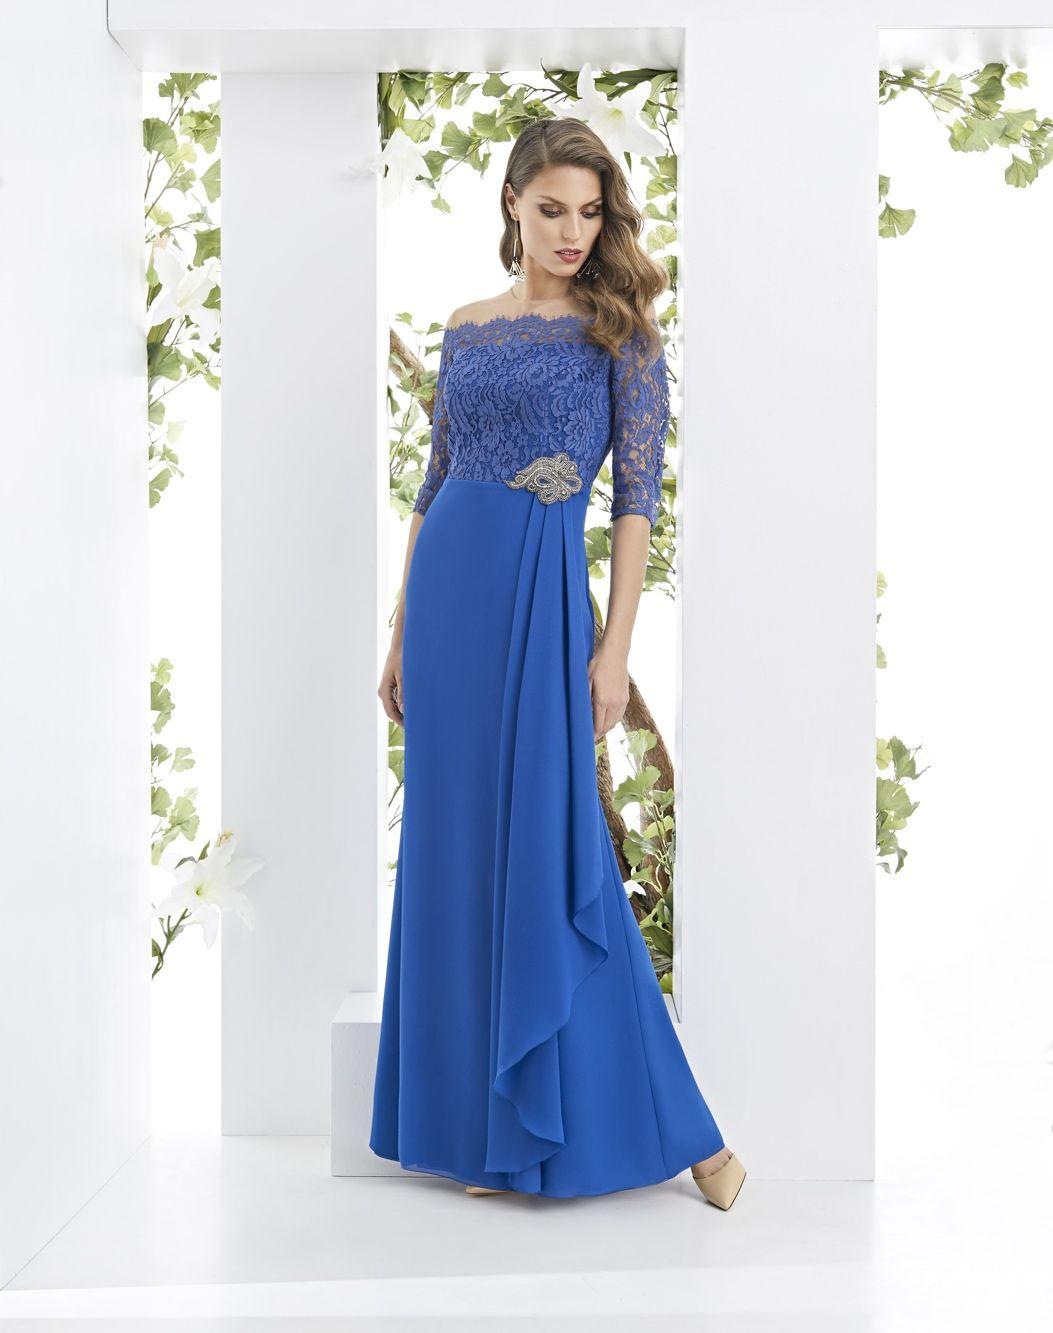 Lizana As Seleccion Vestido Azul Electrico Elegante Y De